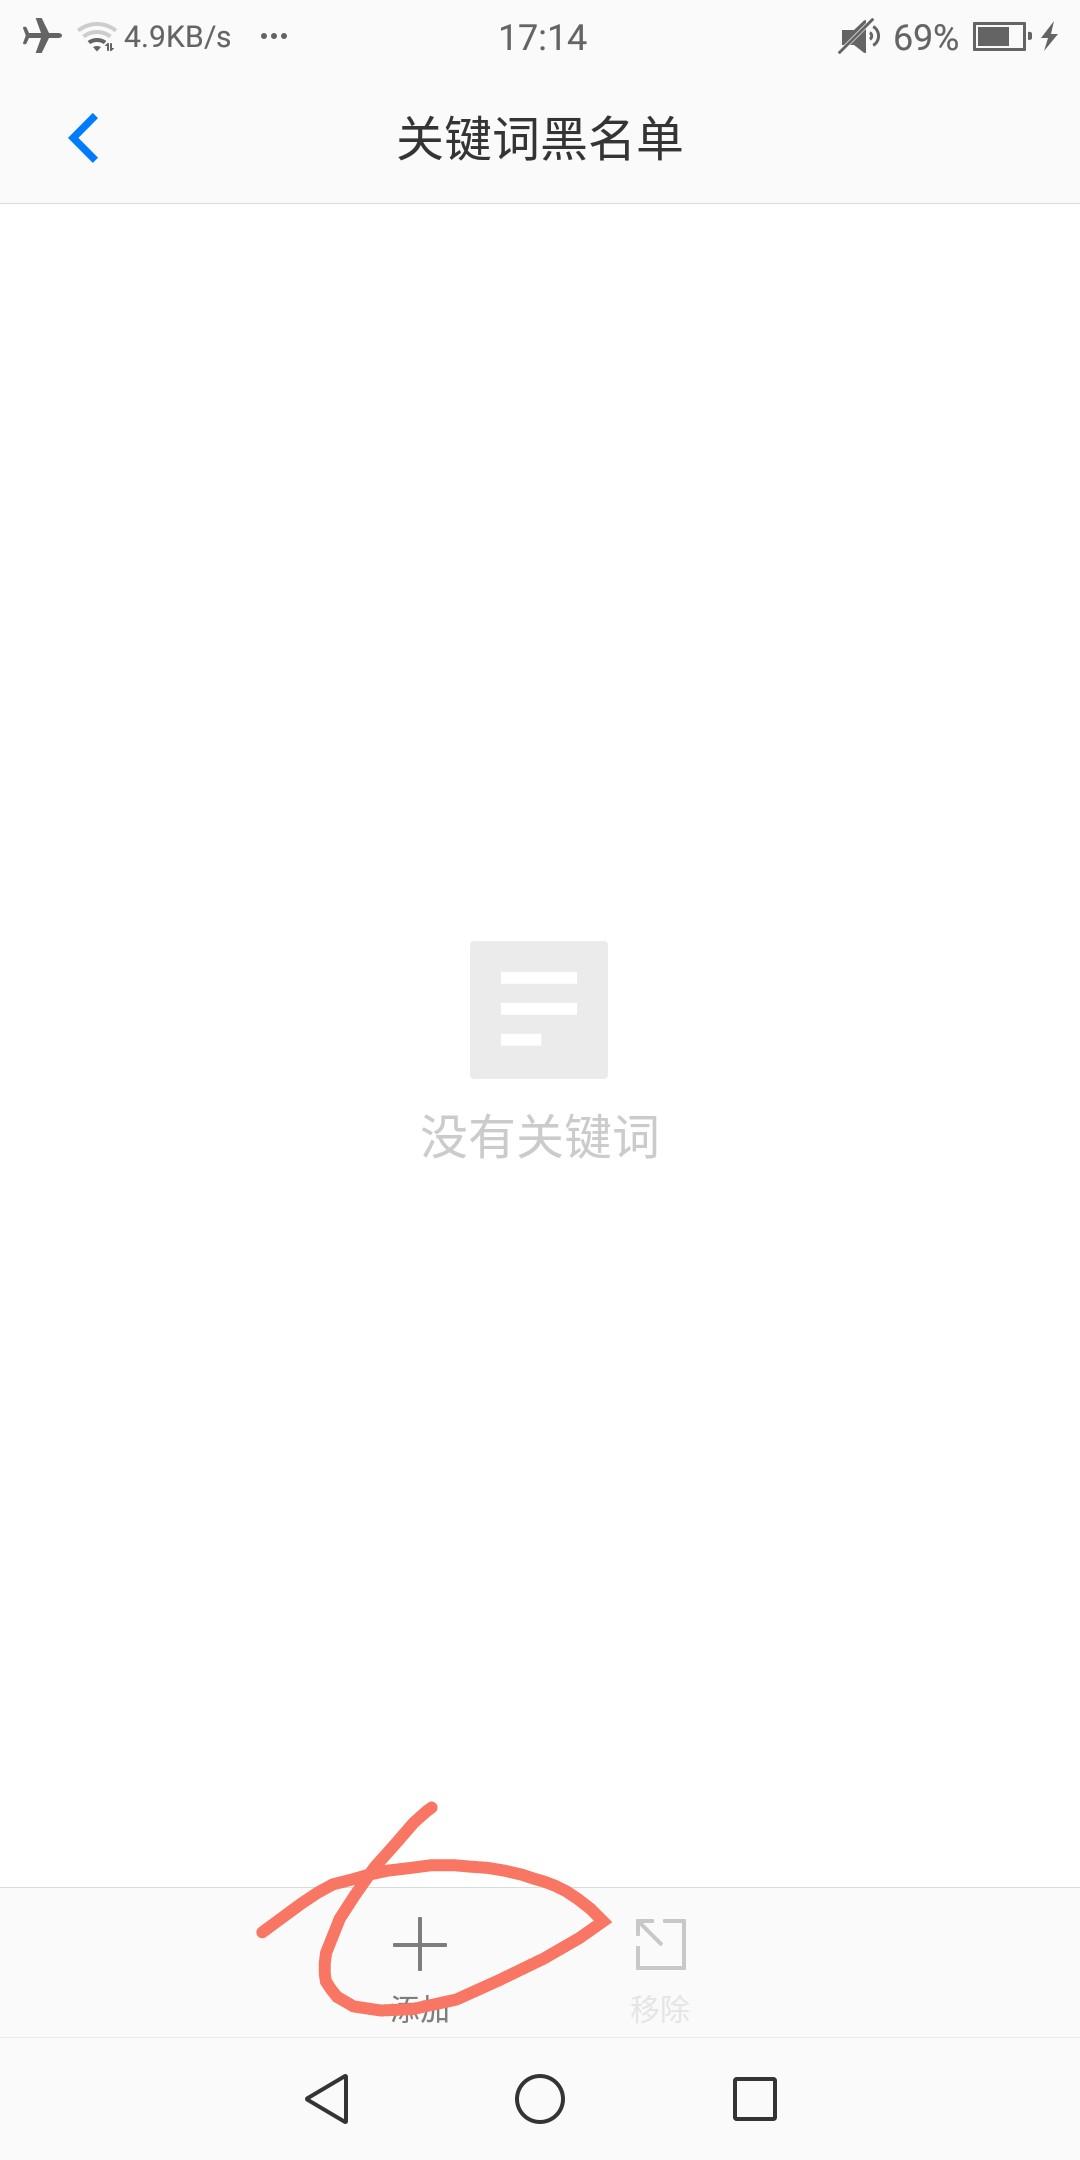 rBAAdmByvkSAeE5XAADOIwi8NDA182.jpg插图(6)